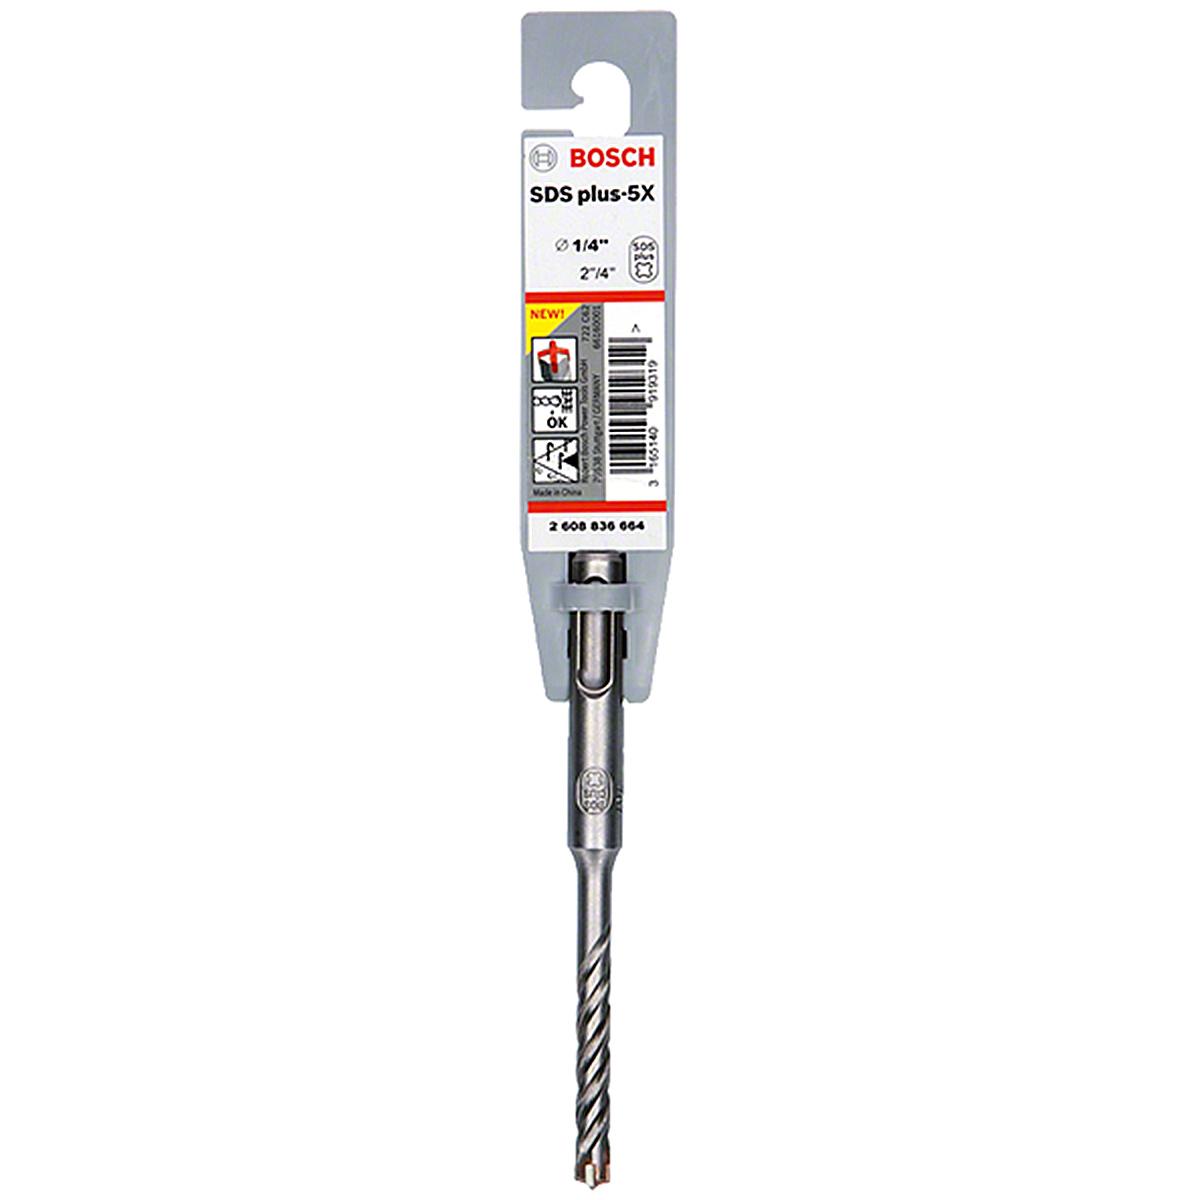 Broca Acero 4In SDS Plus Ideal Concreto Taladro 1/4 In Bosch